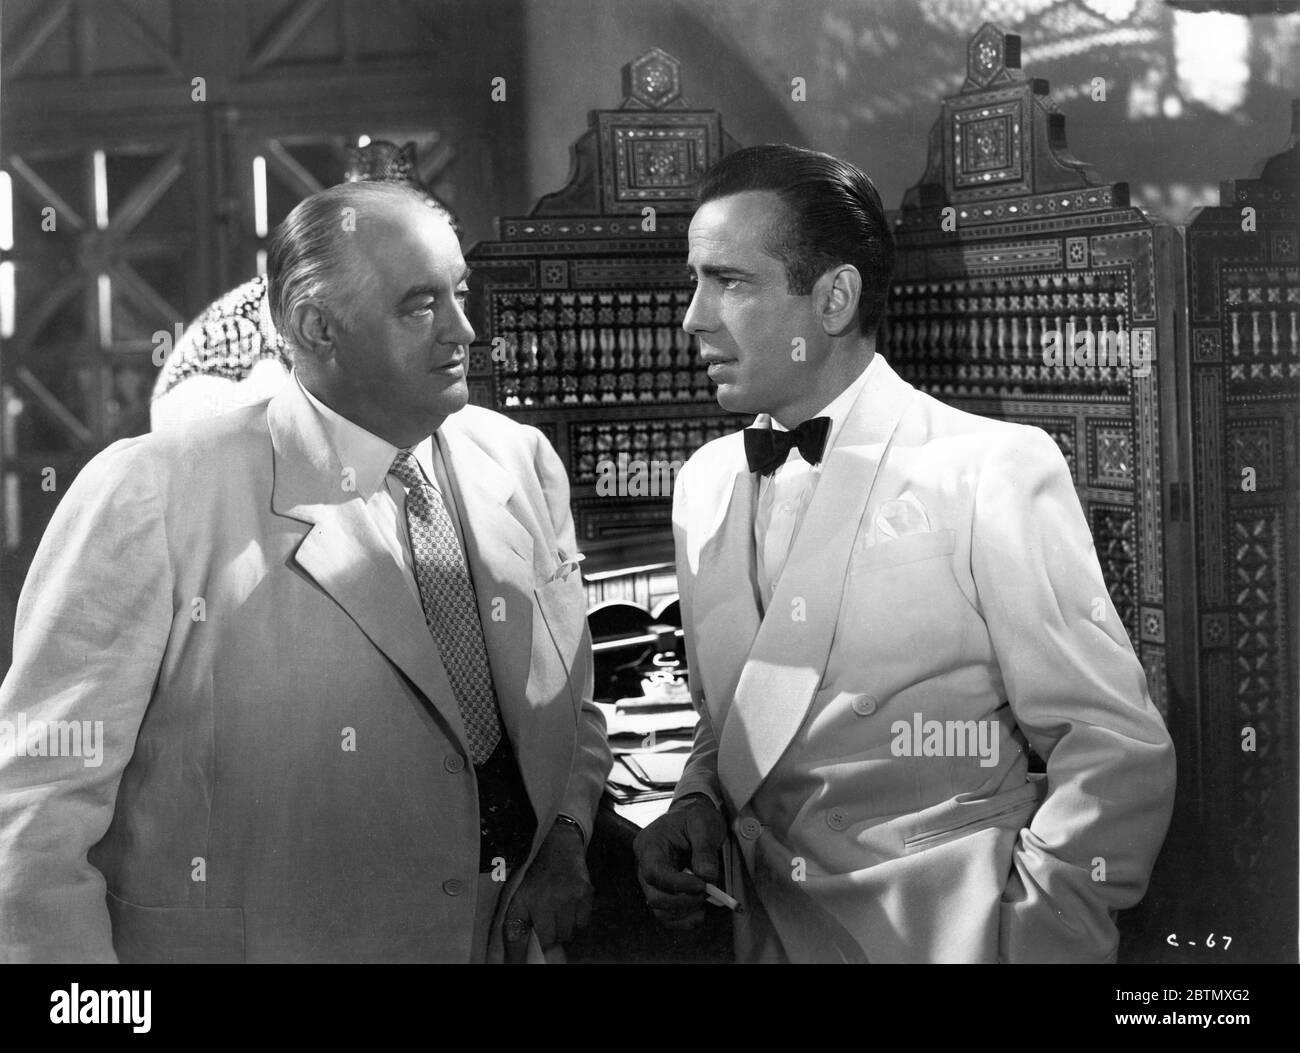 Sydney Greenstreet Als Signor Ferrari Und Humphrey Bogart Als Rick Blaine In Casablanca 1942 Regisseur Michael Curtiz Musik Max Steiner Warner Bros Stockfotografie Alamy